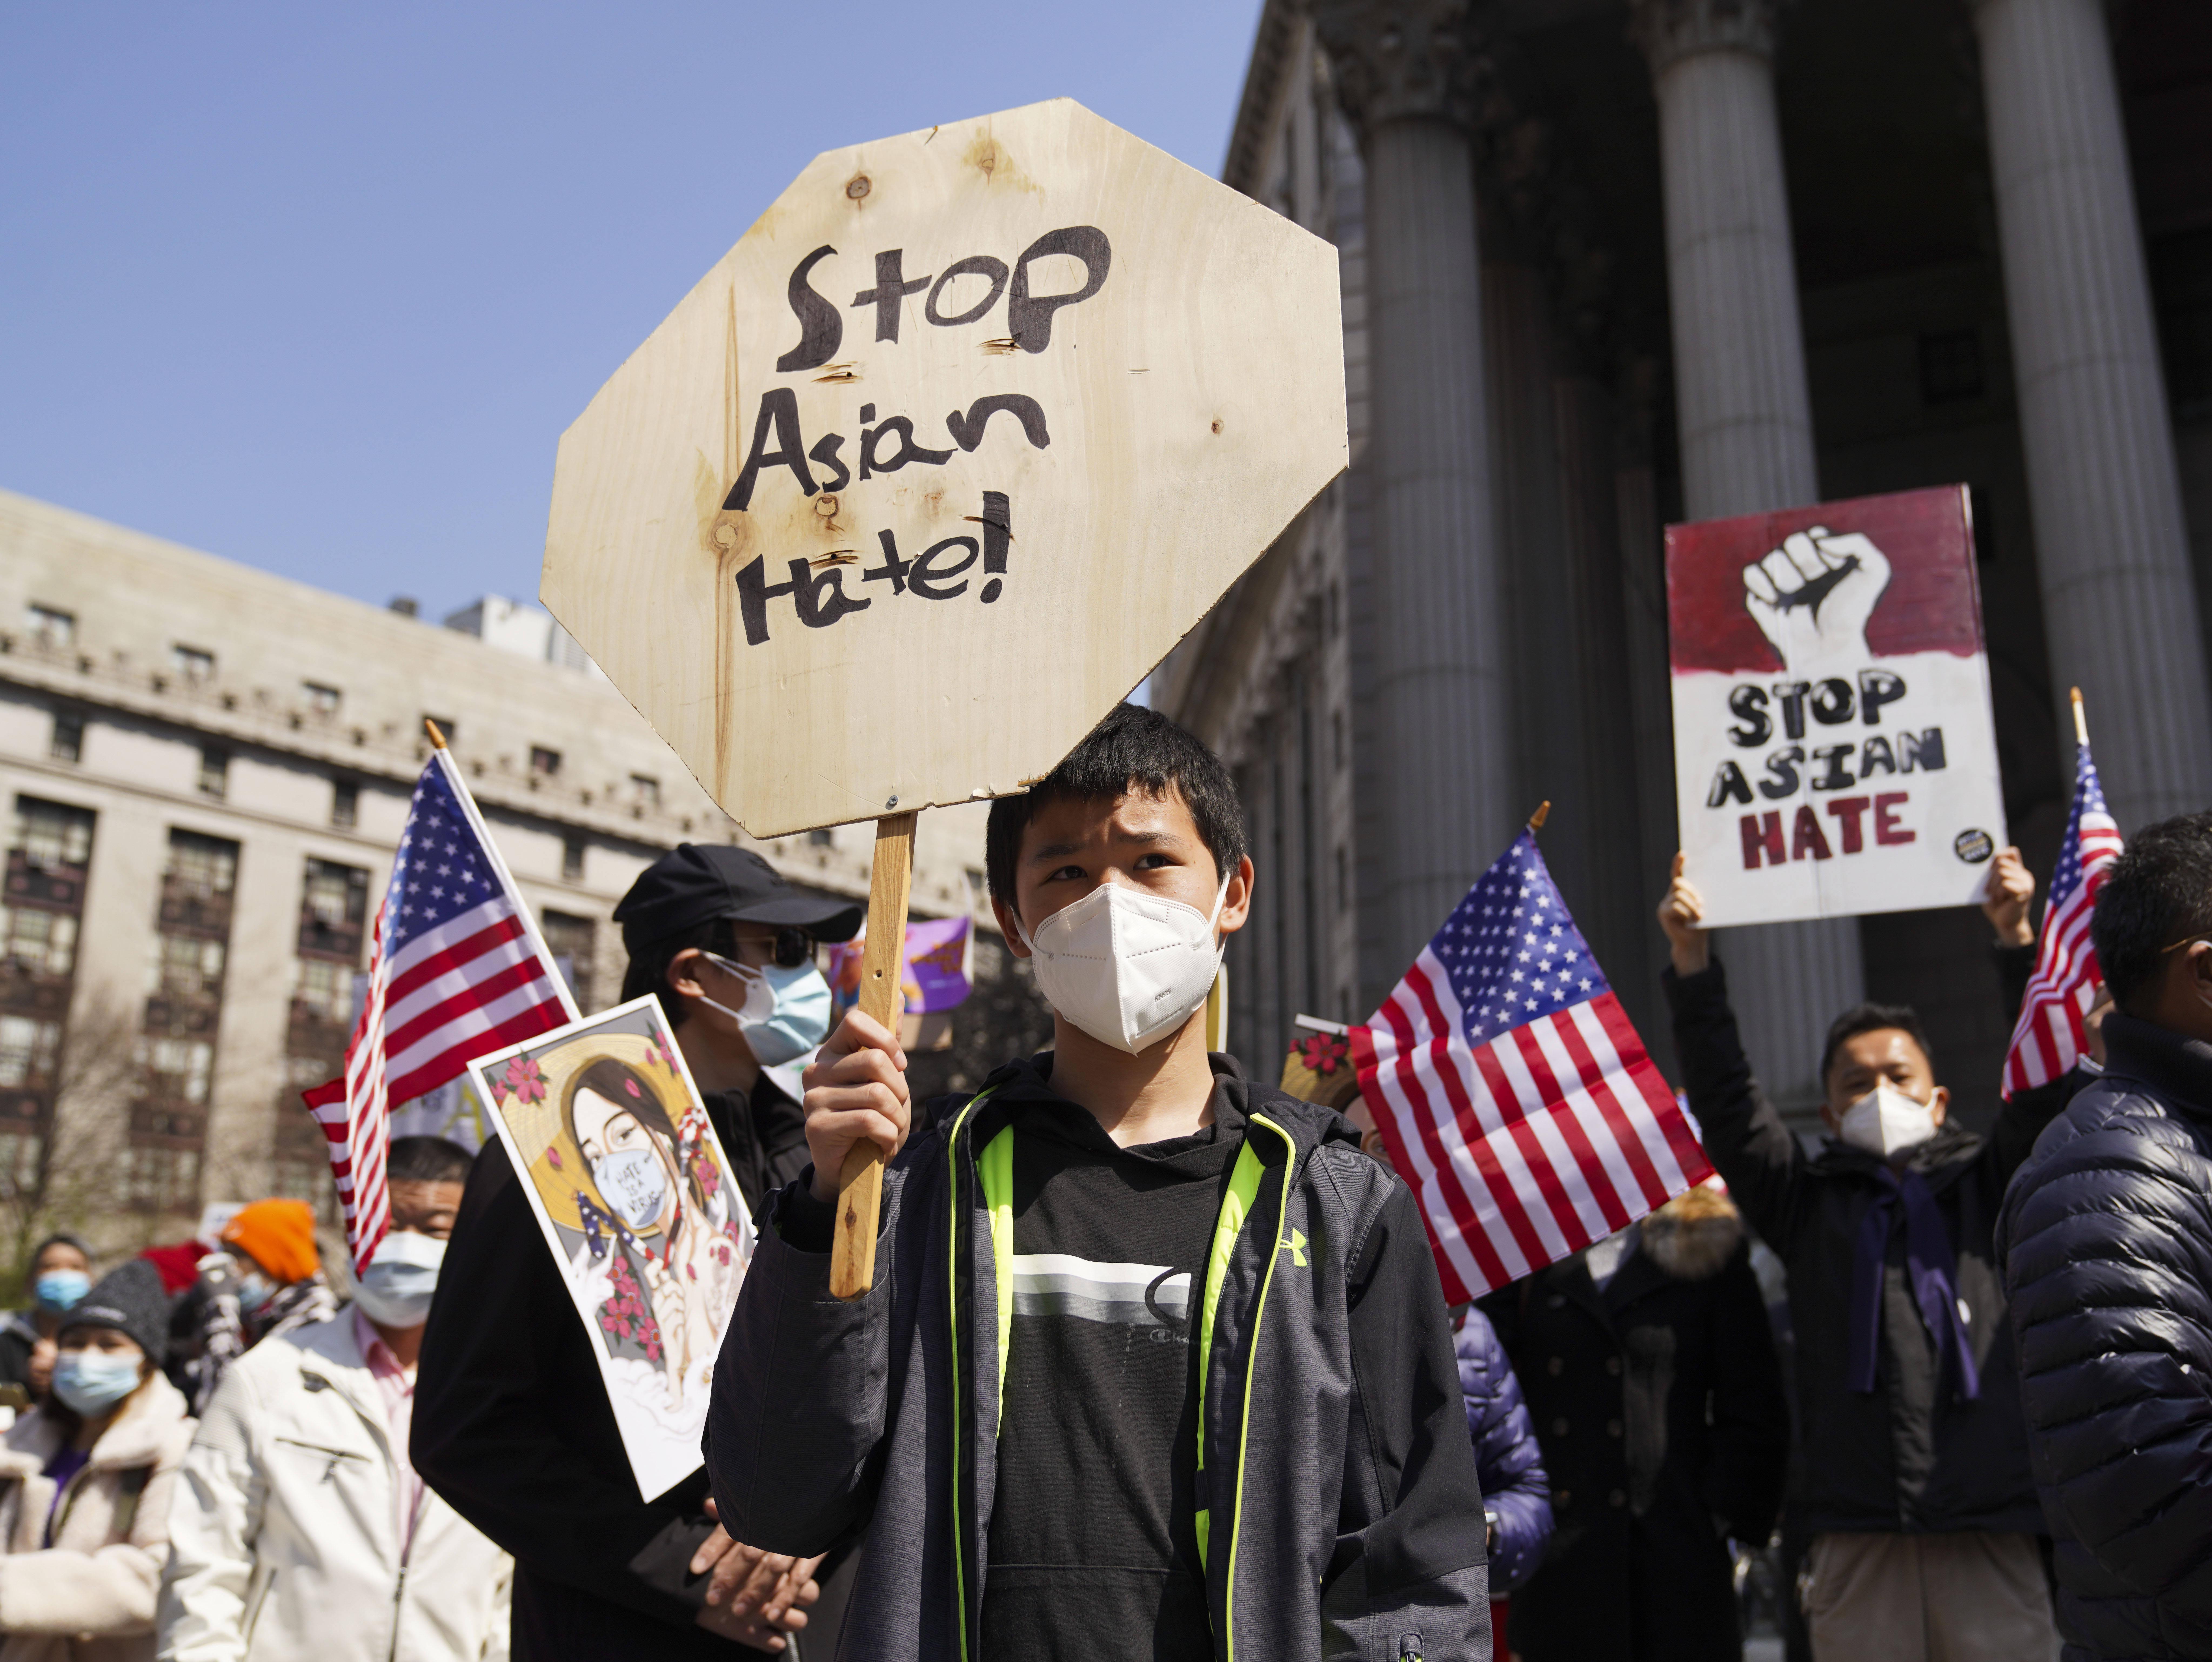 纽约举行反亚裔仇恨大型集会